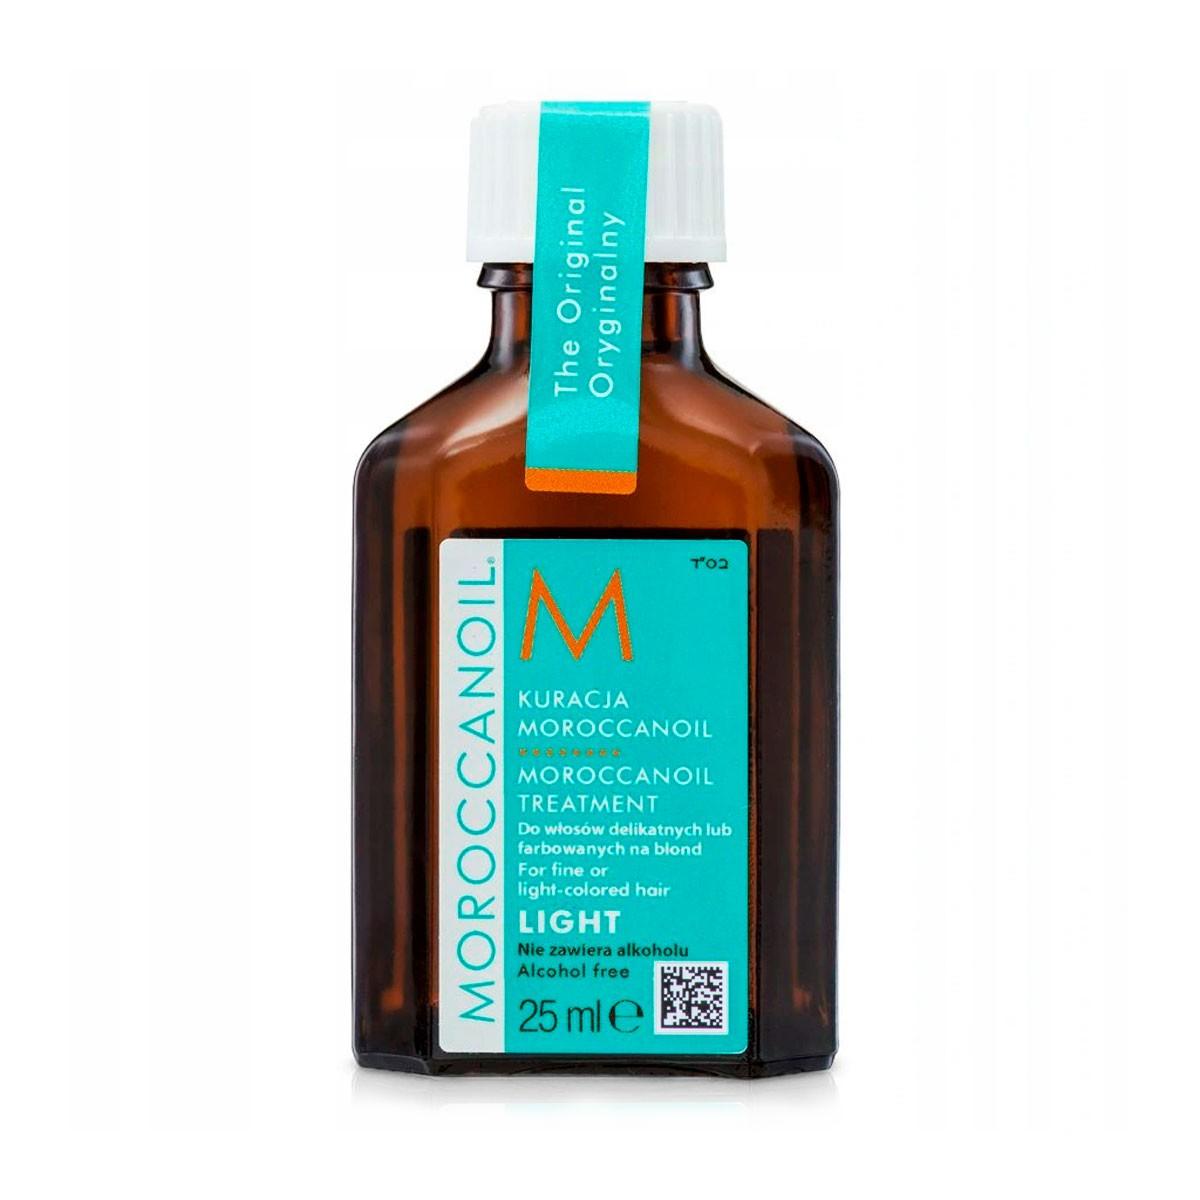 MOROCCANOIL Treatment Light 25ml - Naturalny olejek arganowy do włosów cienkich i delikatnych